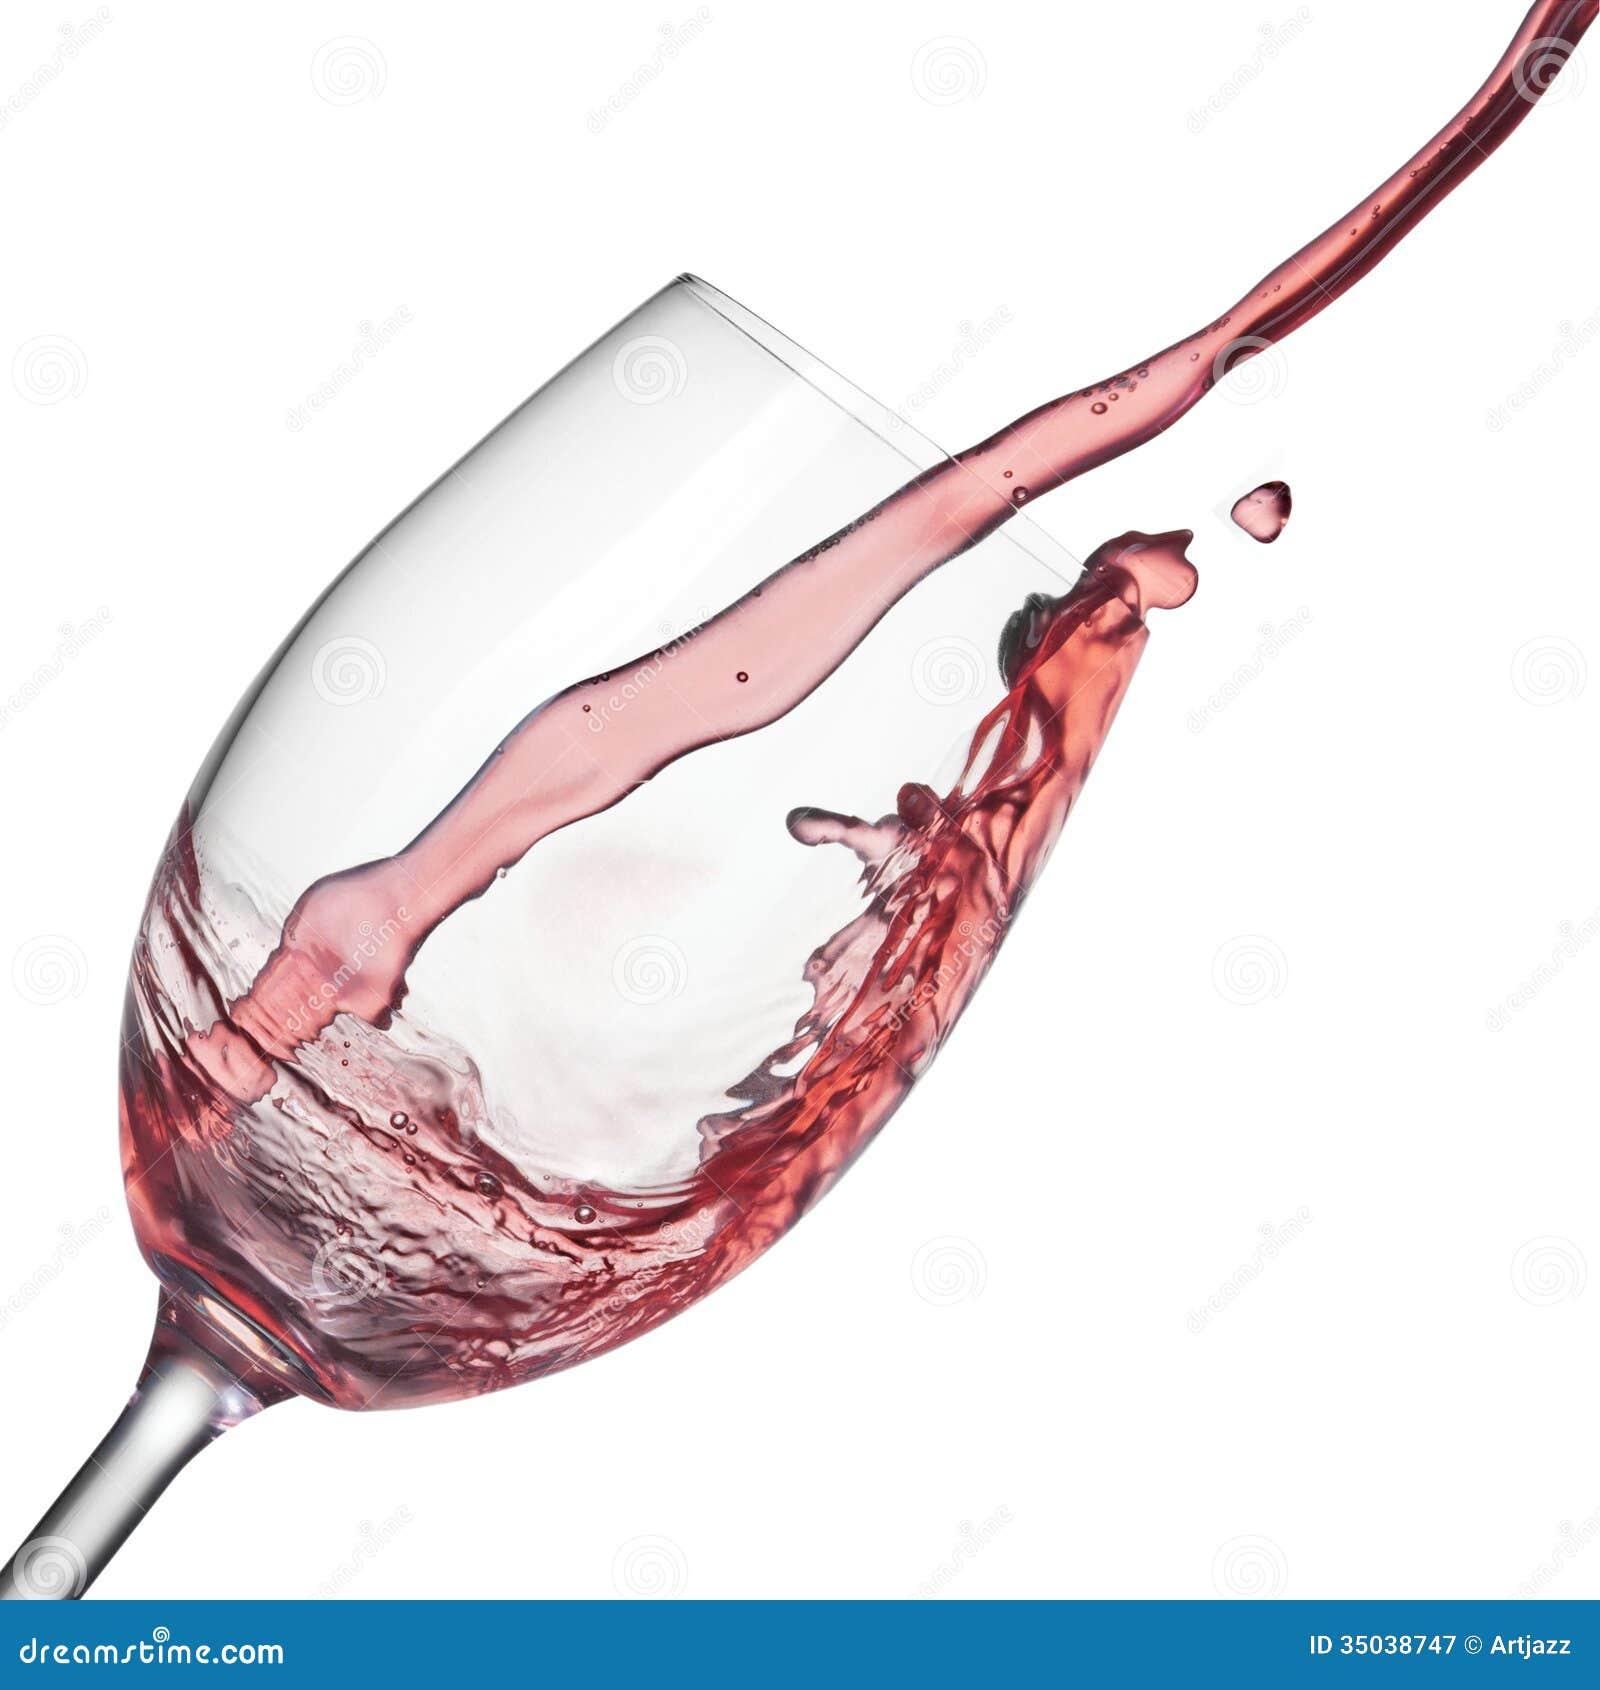 claboussure de vin ros dans le verre vin sur le blanc photographie stock libre de droits. Black Bedroom Furniture Sets. Home Design Ideas